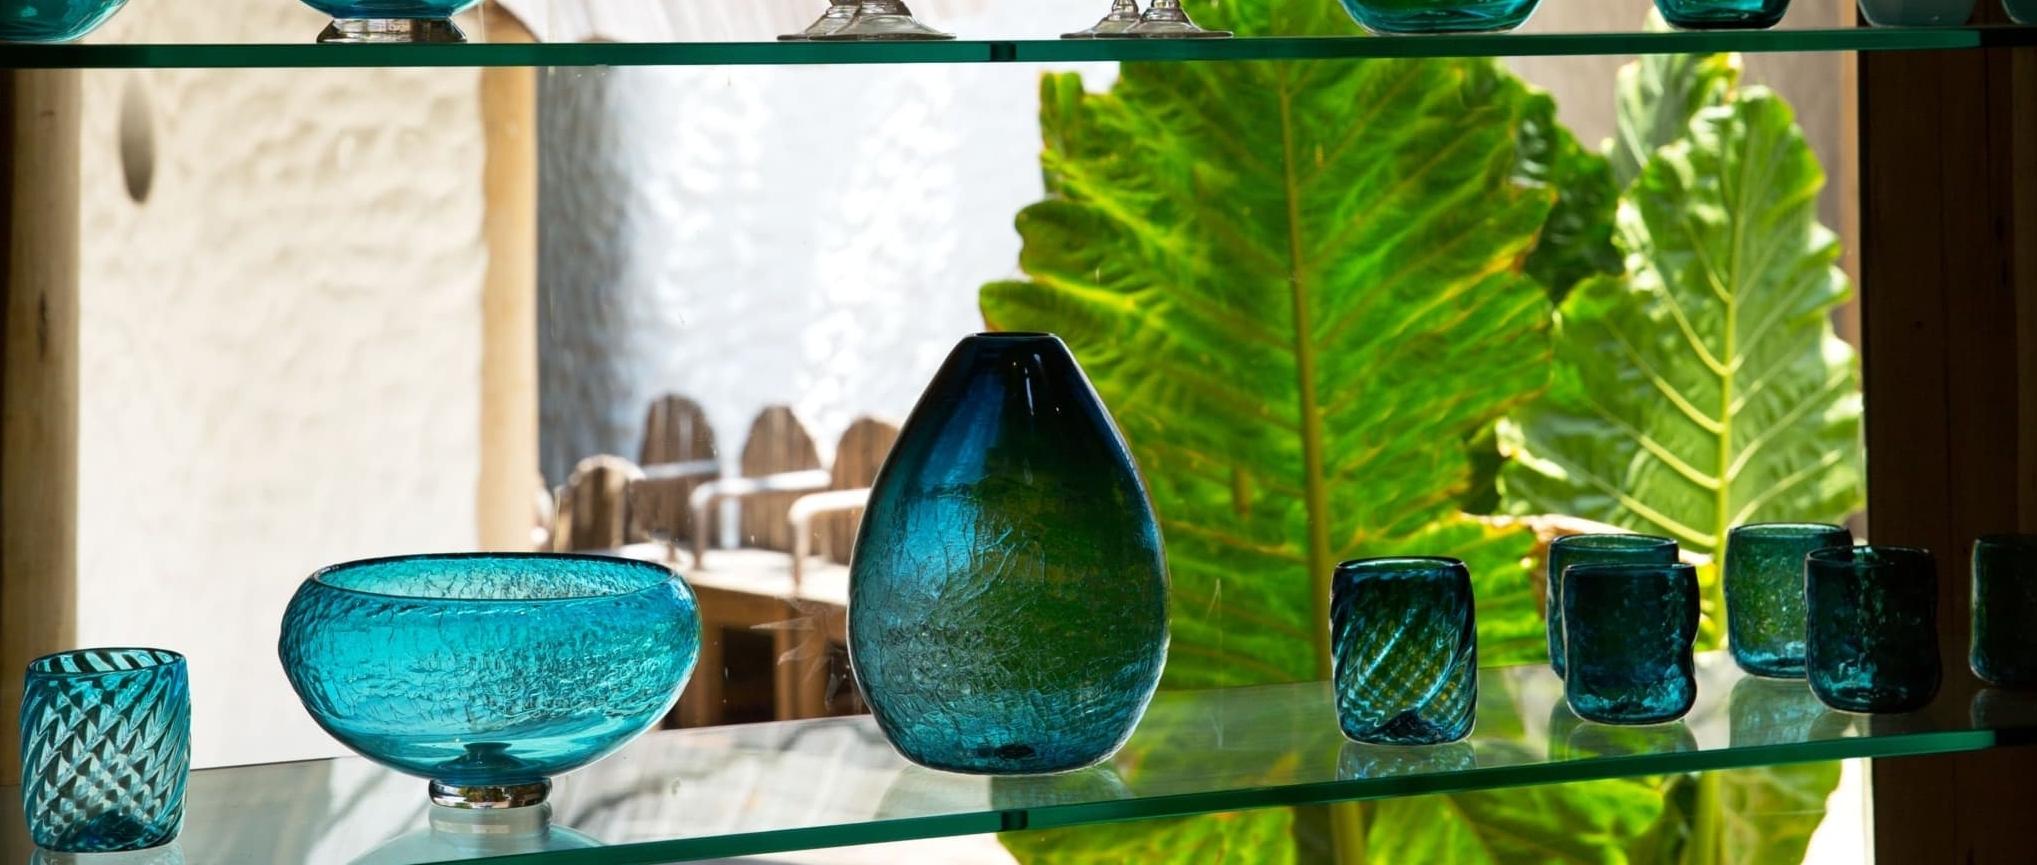 Эко концепция отеля предусматривает бережное отношение к окружающему миру и сохранению природных ресурсов. Так, на острове есть центр переработки «от отходов к богатству», что превращает использованные предметы и материалы в сокровища, например - использованные бутылки в вазу.